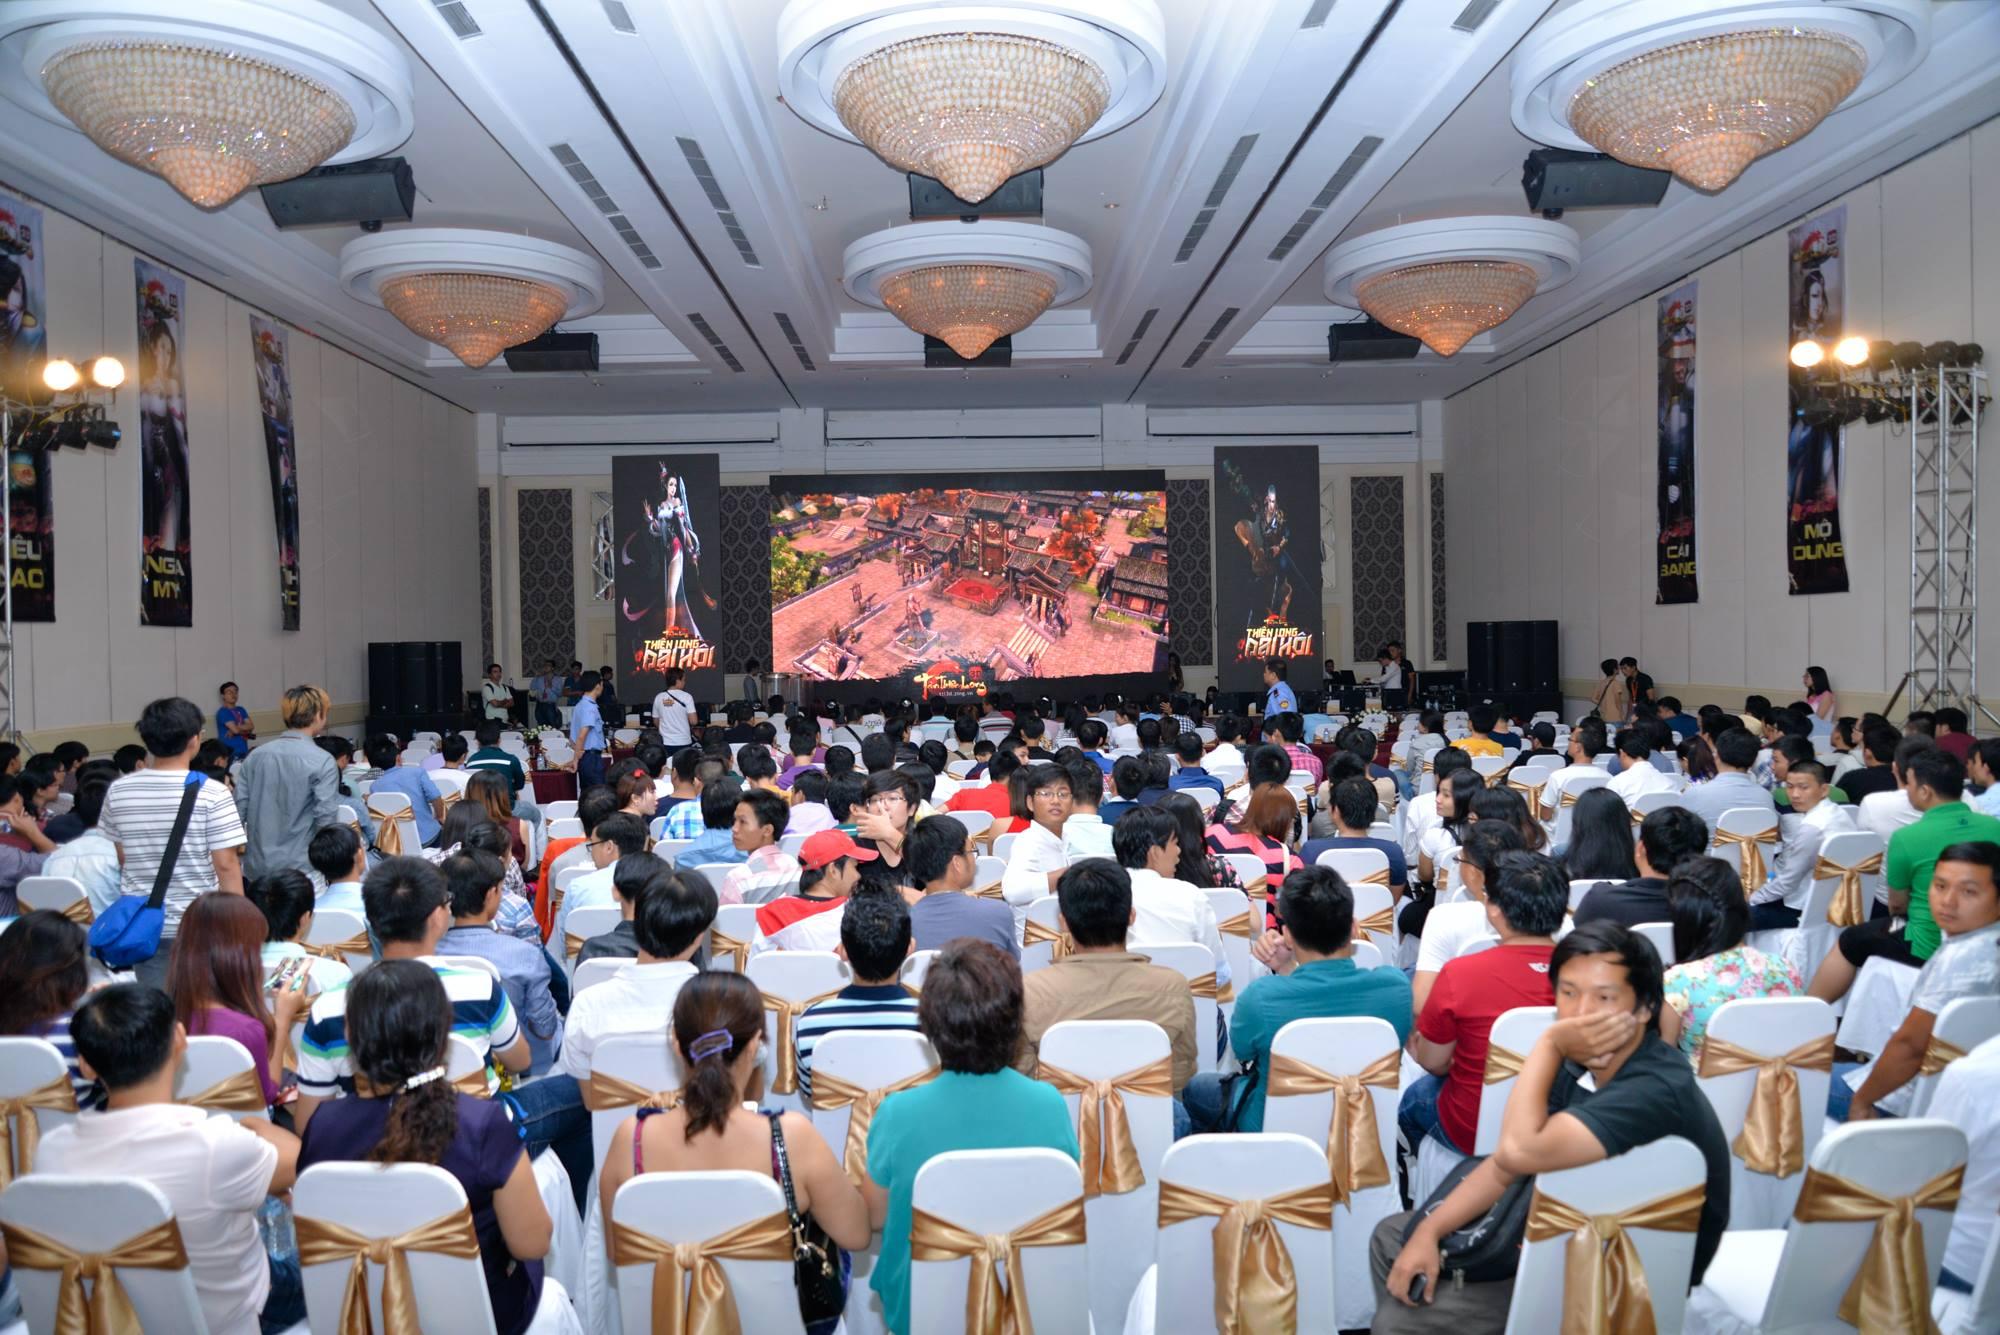 VNG tổ chức sinh nhật game Tân Thiên Long đậm chất võ hiệp